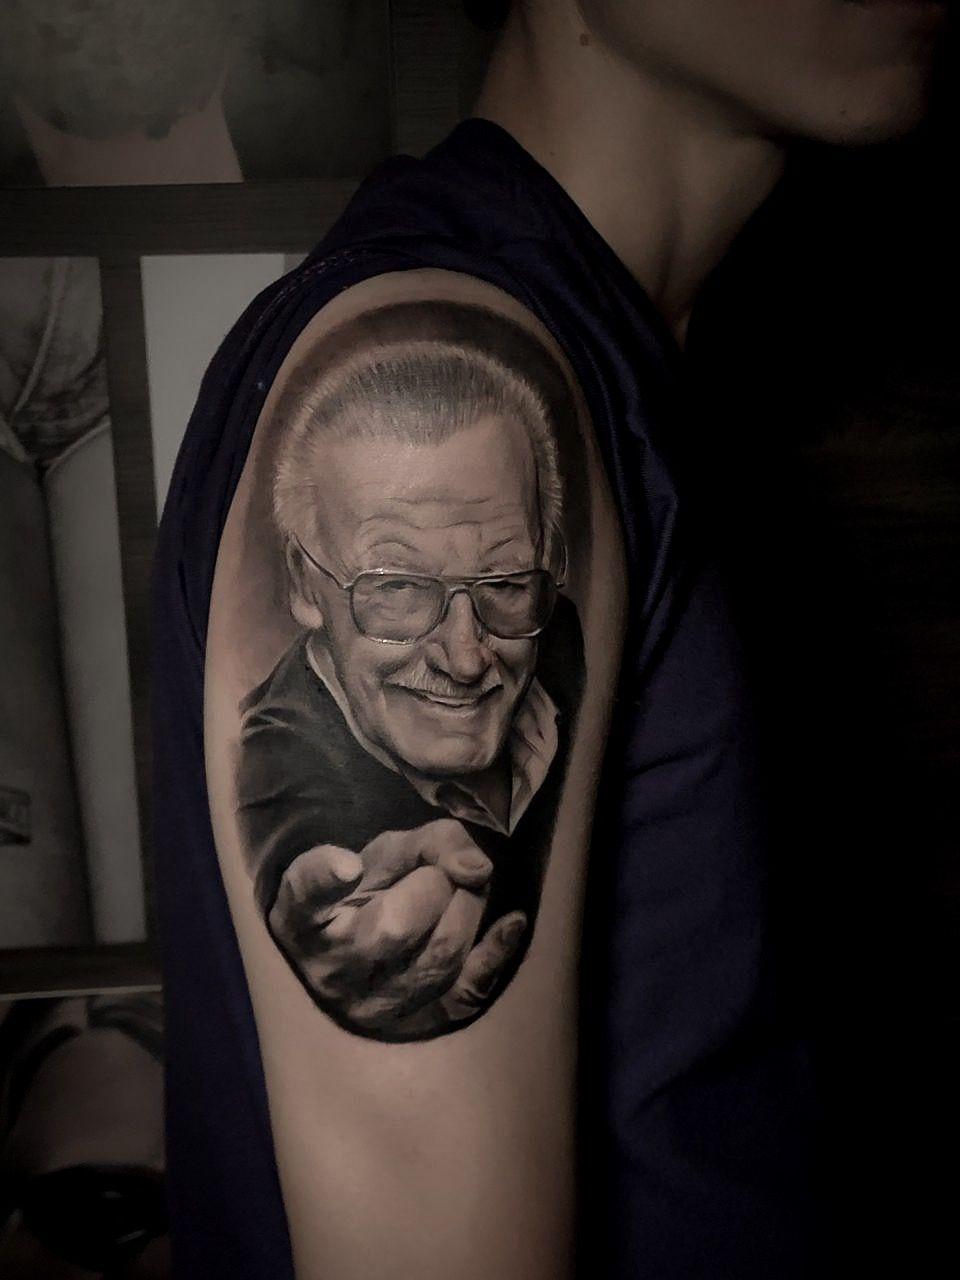 @lovetattooec @inkmens #guayaquiltattoo #tattoowork #tattooguayaquil #tattooecuador #arte #tattooart #sombras #realistictattoo #tattoostyle #lovetattoo #guayaquil #anclatattoo #realismotattoo #tatouage #blackandgreytattoo #art #inkedup #tattoo #tattoos #ink #inked #tatuaje #inktober #realistictattoo #tatuagem #tatuaggios #realistic #realism #retrato # tattoed #bodyart